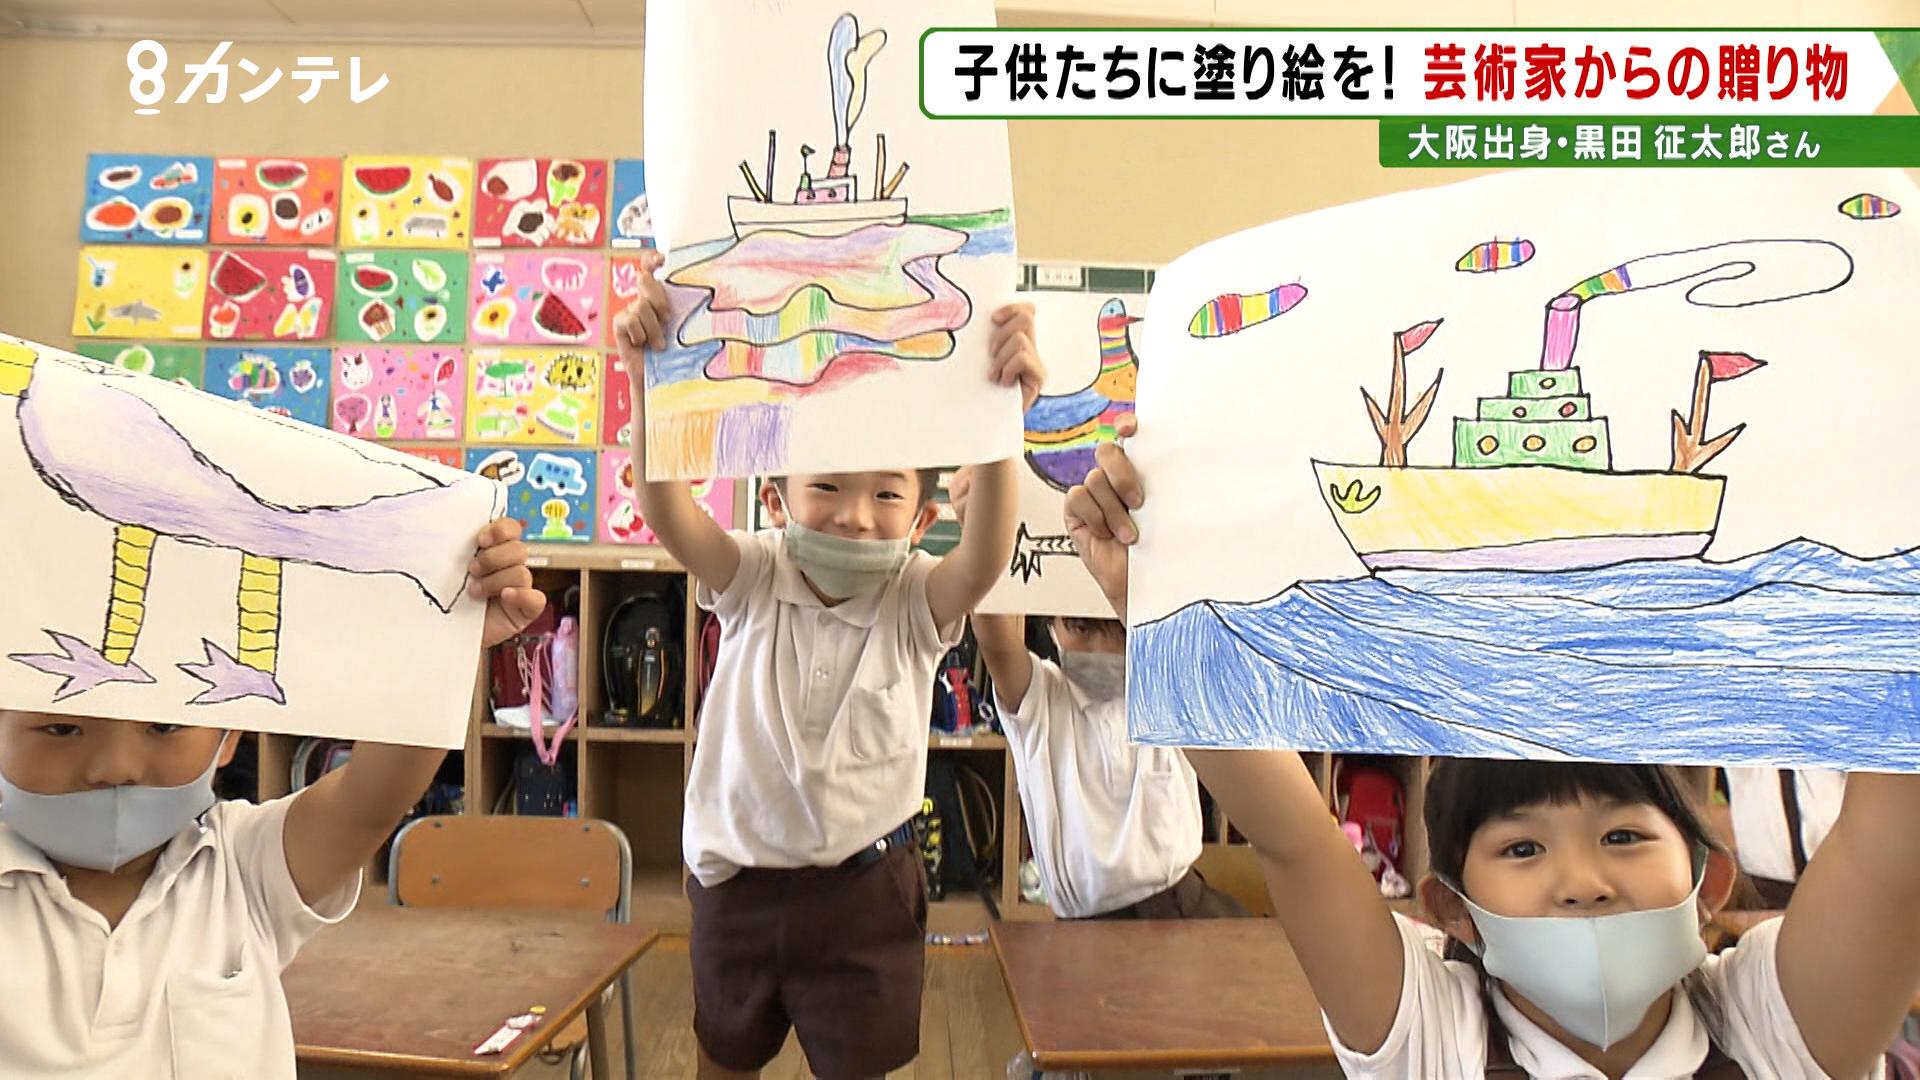 """苦境の街に彩りを~芸術家・黒田征太郎さんから子供たちへの""""贈り物""""~"""